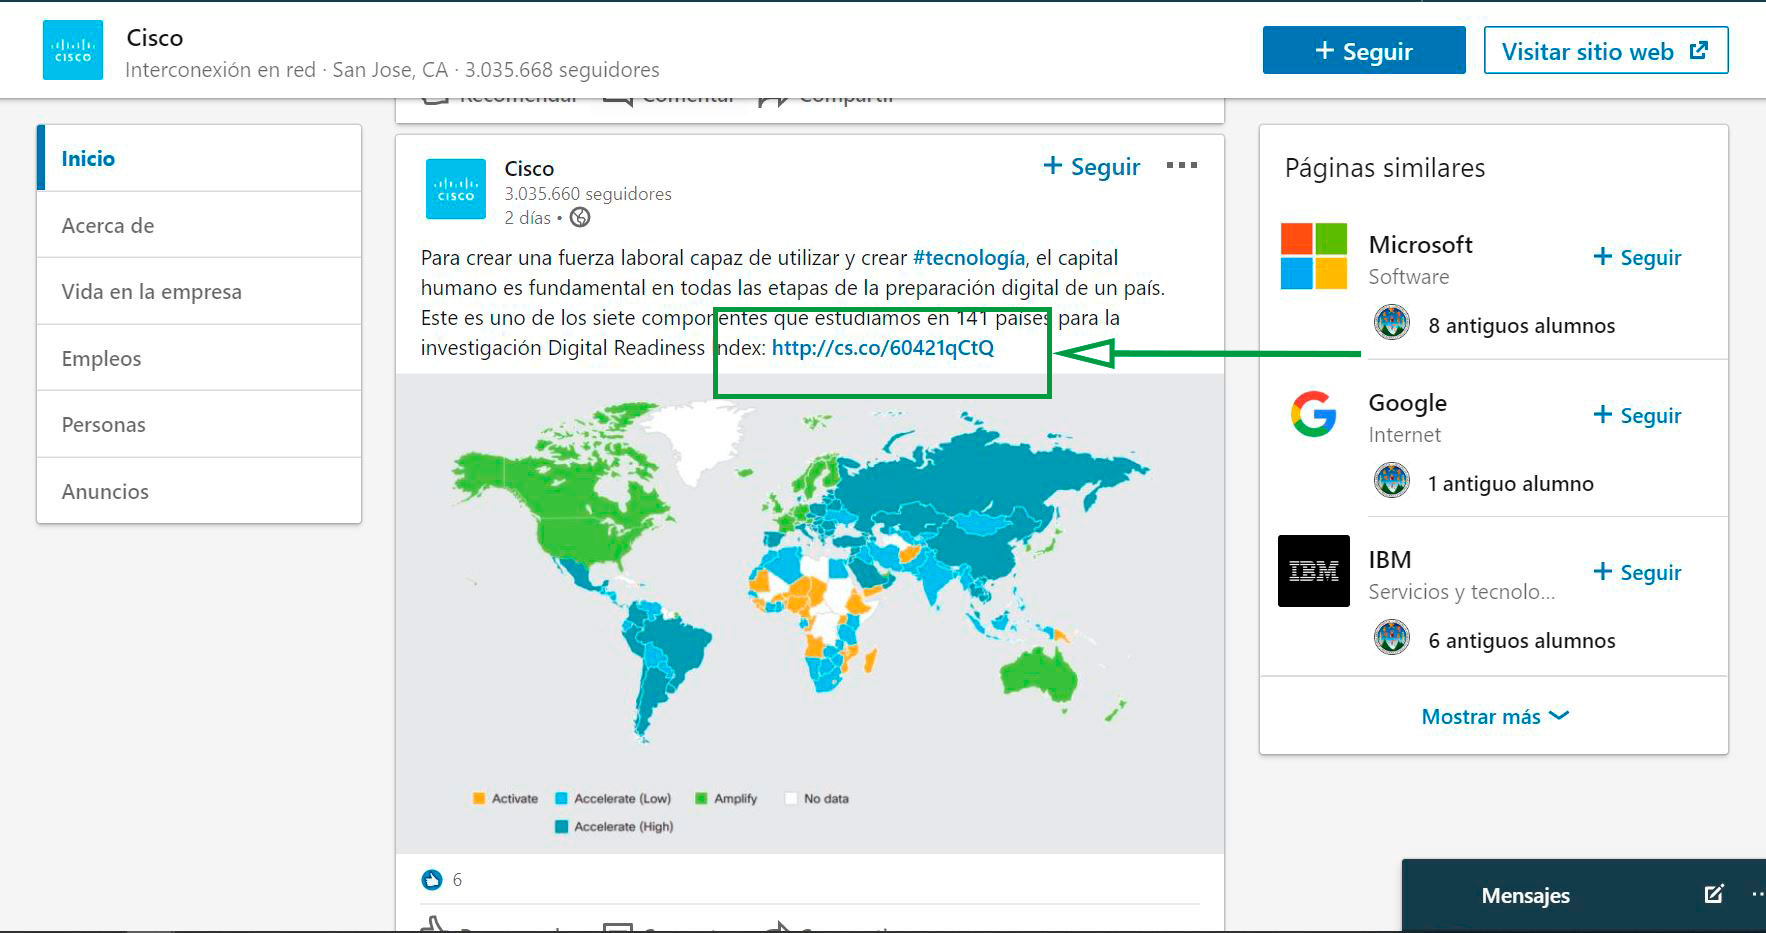 Cómo usar Linkedin para captar clientes. Post Cisco